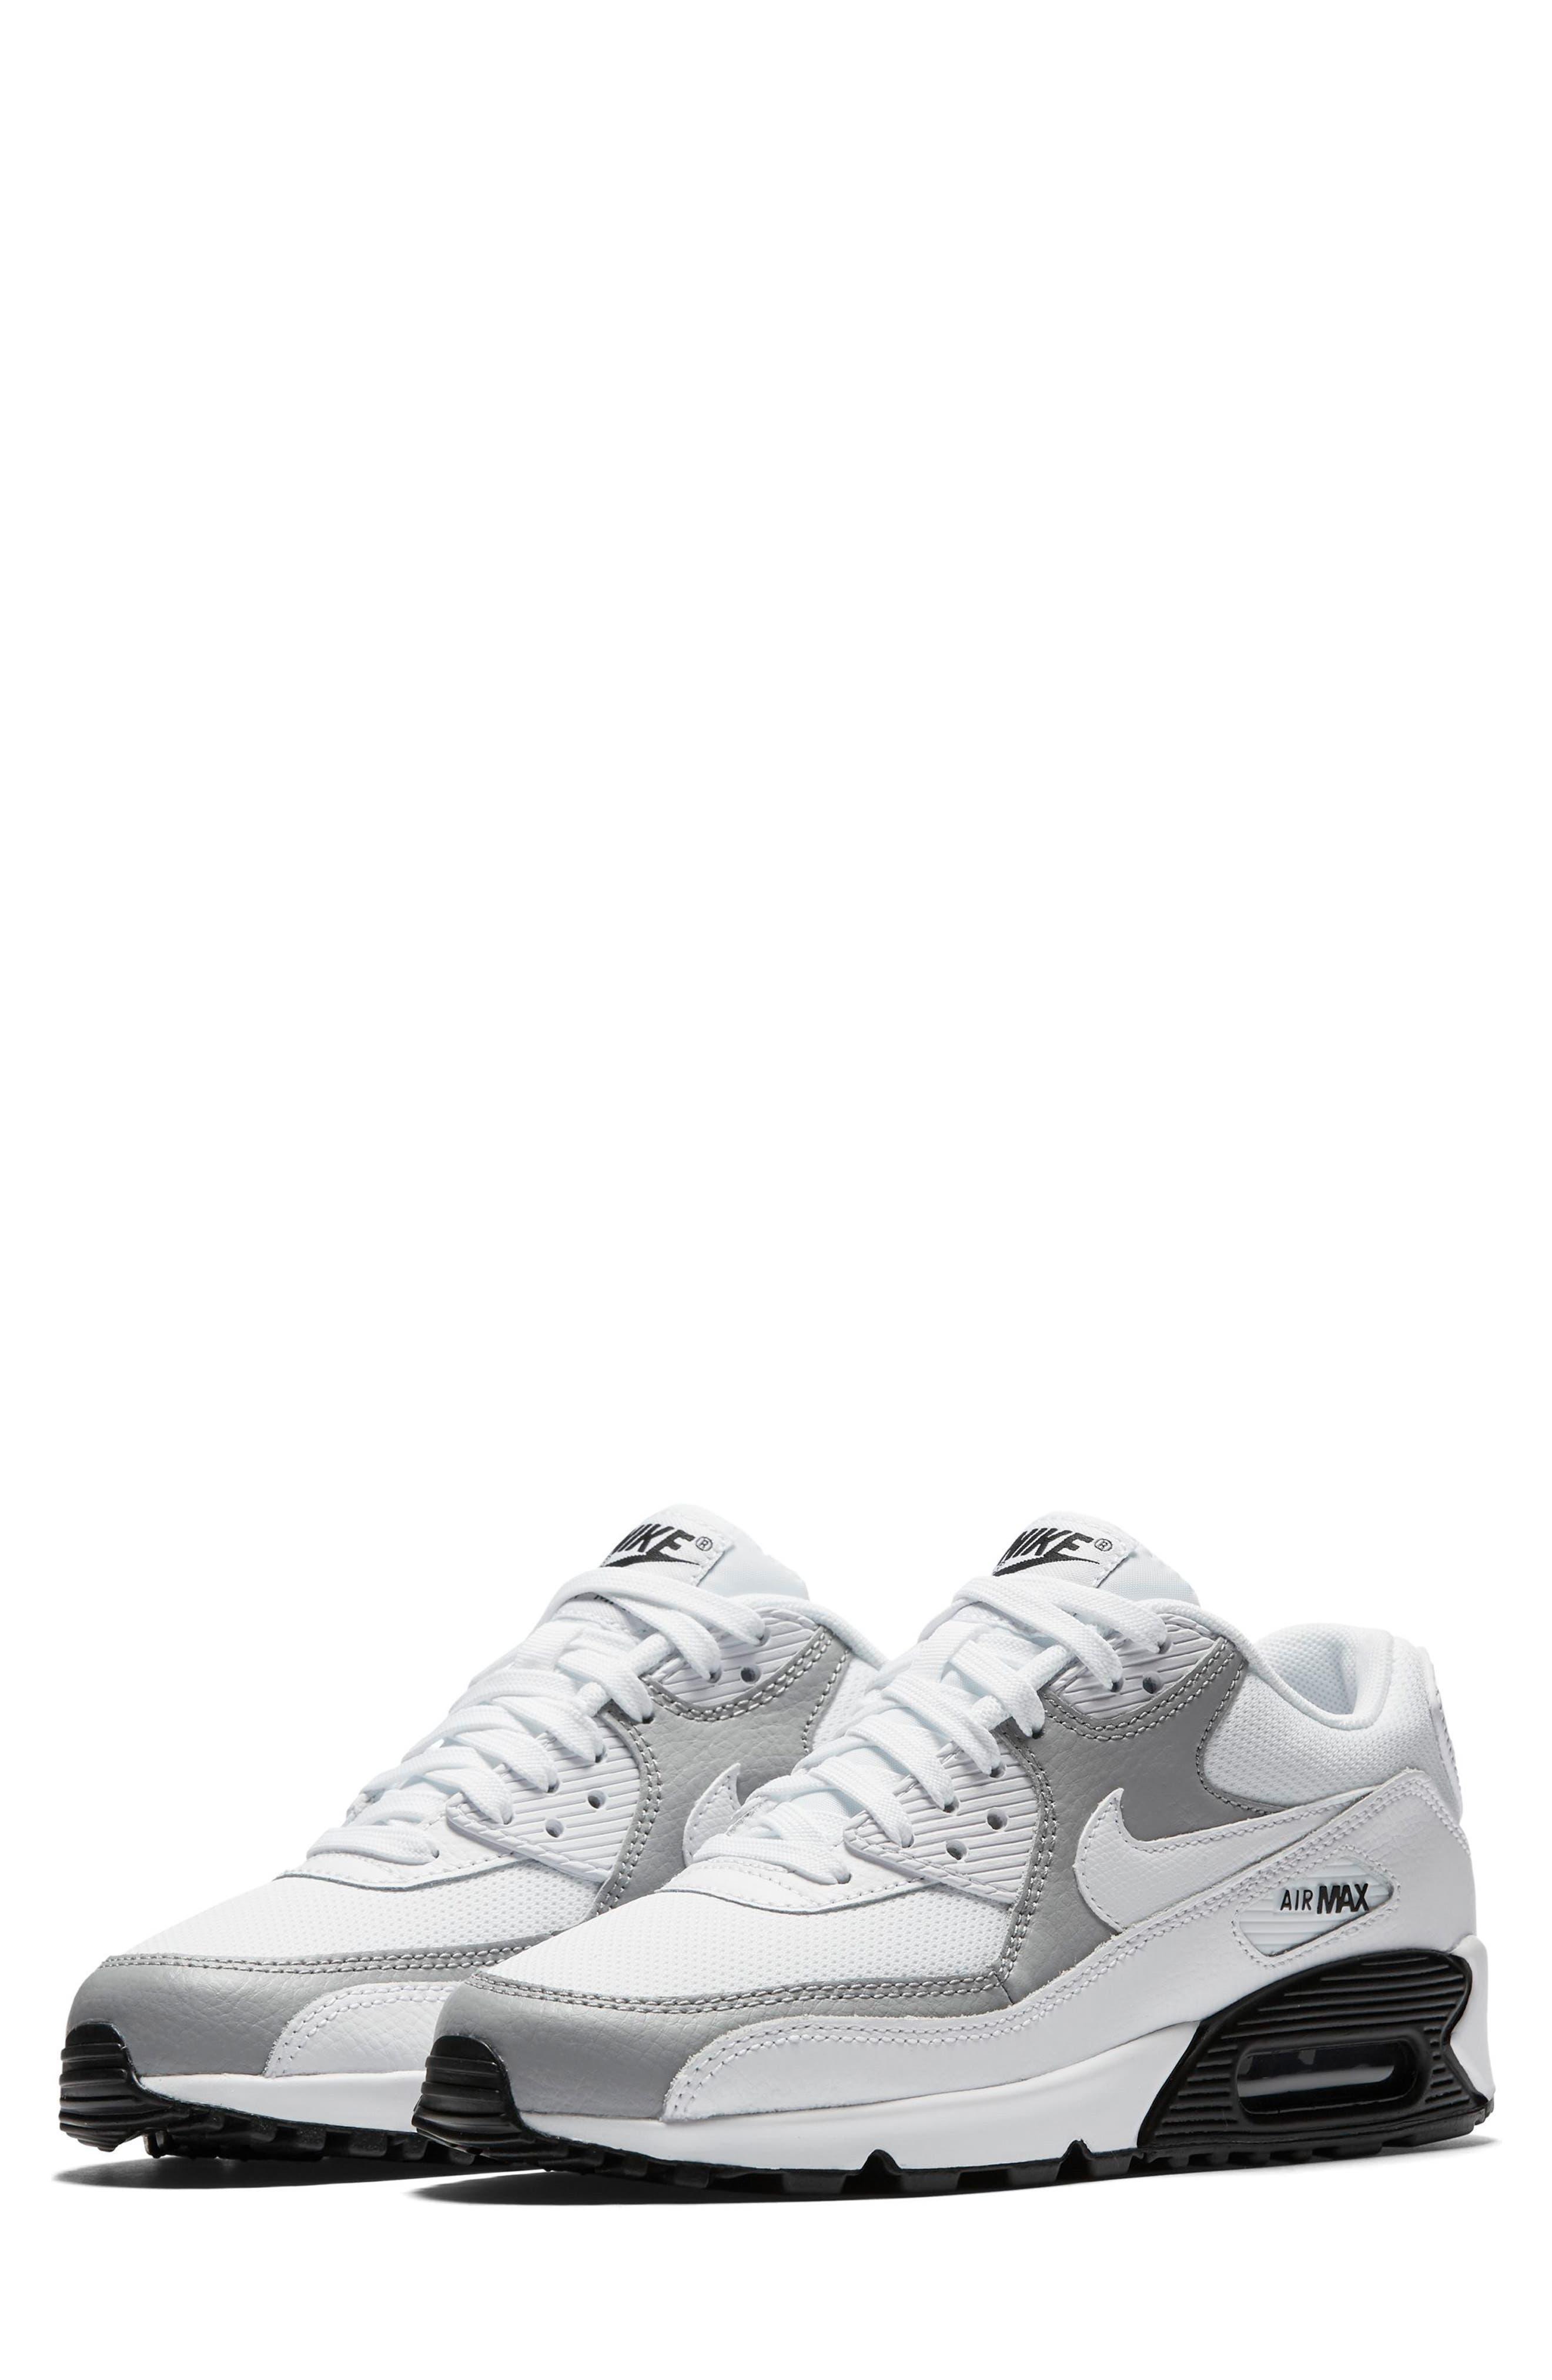 Alternate Image 1 Selected - Nike Air Max 90 Sneaker (Women)